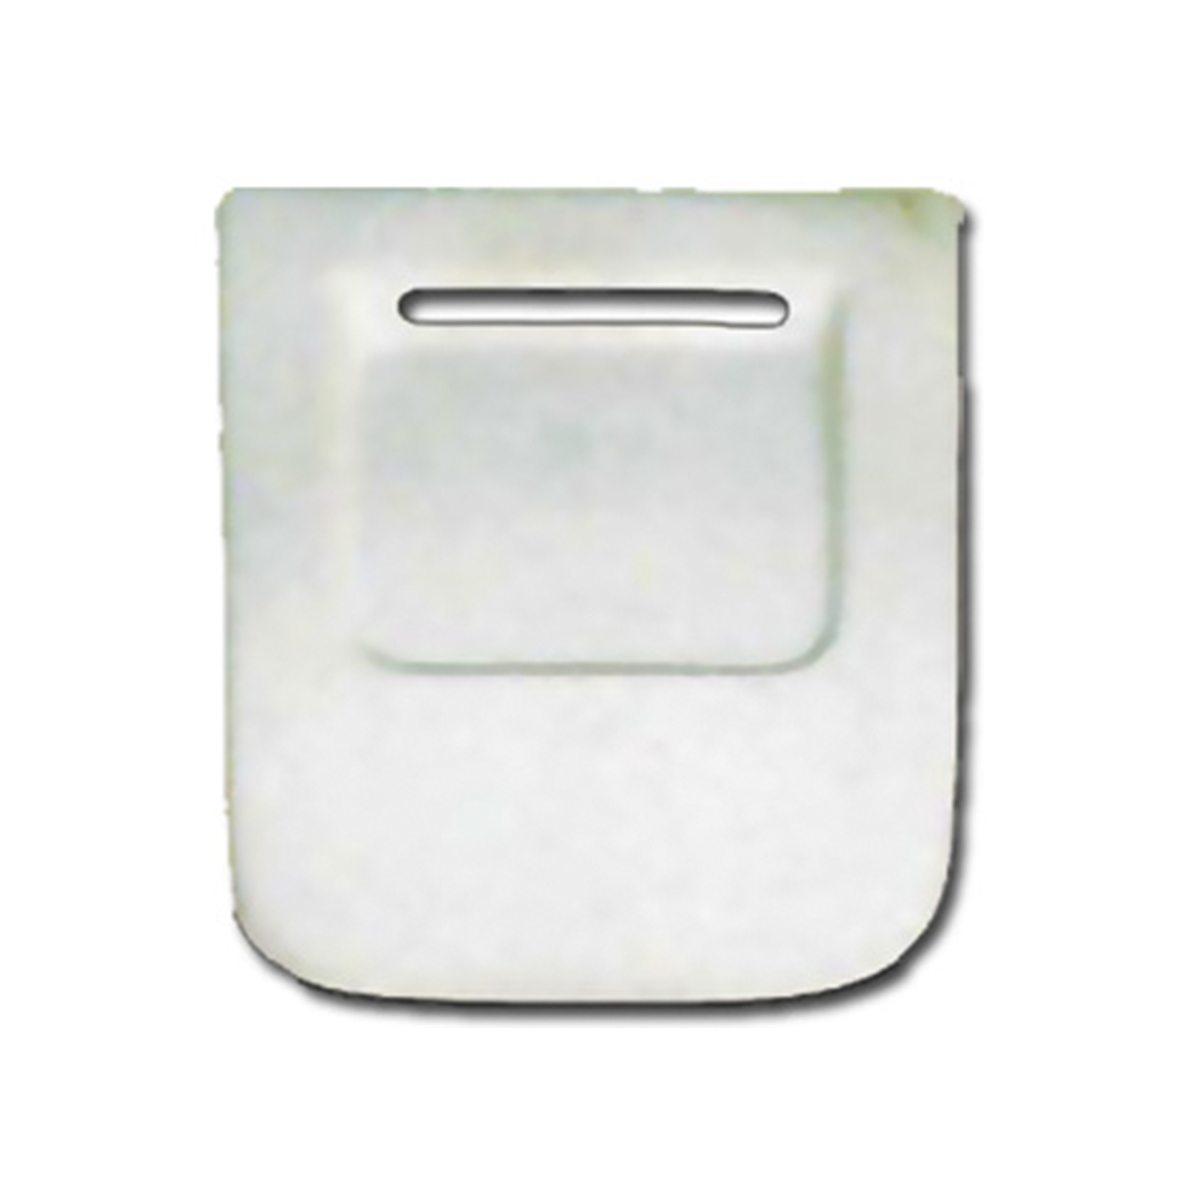 Clio-16V-Small-EAA039